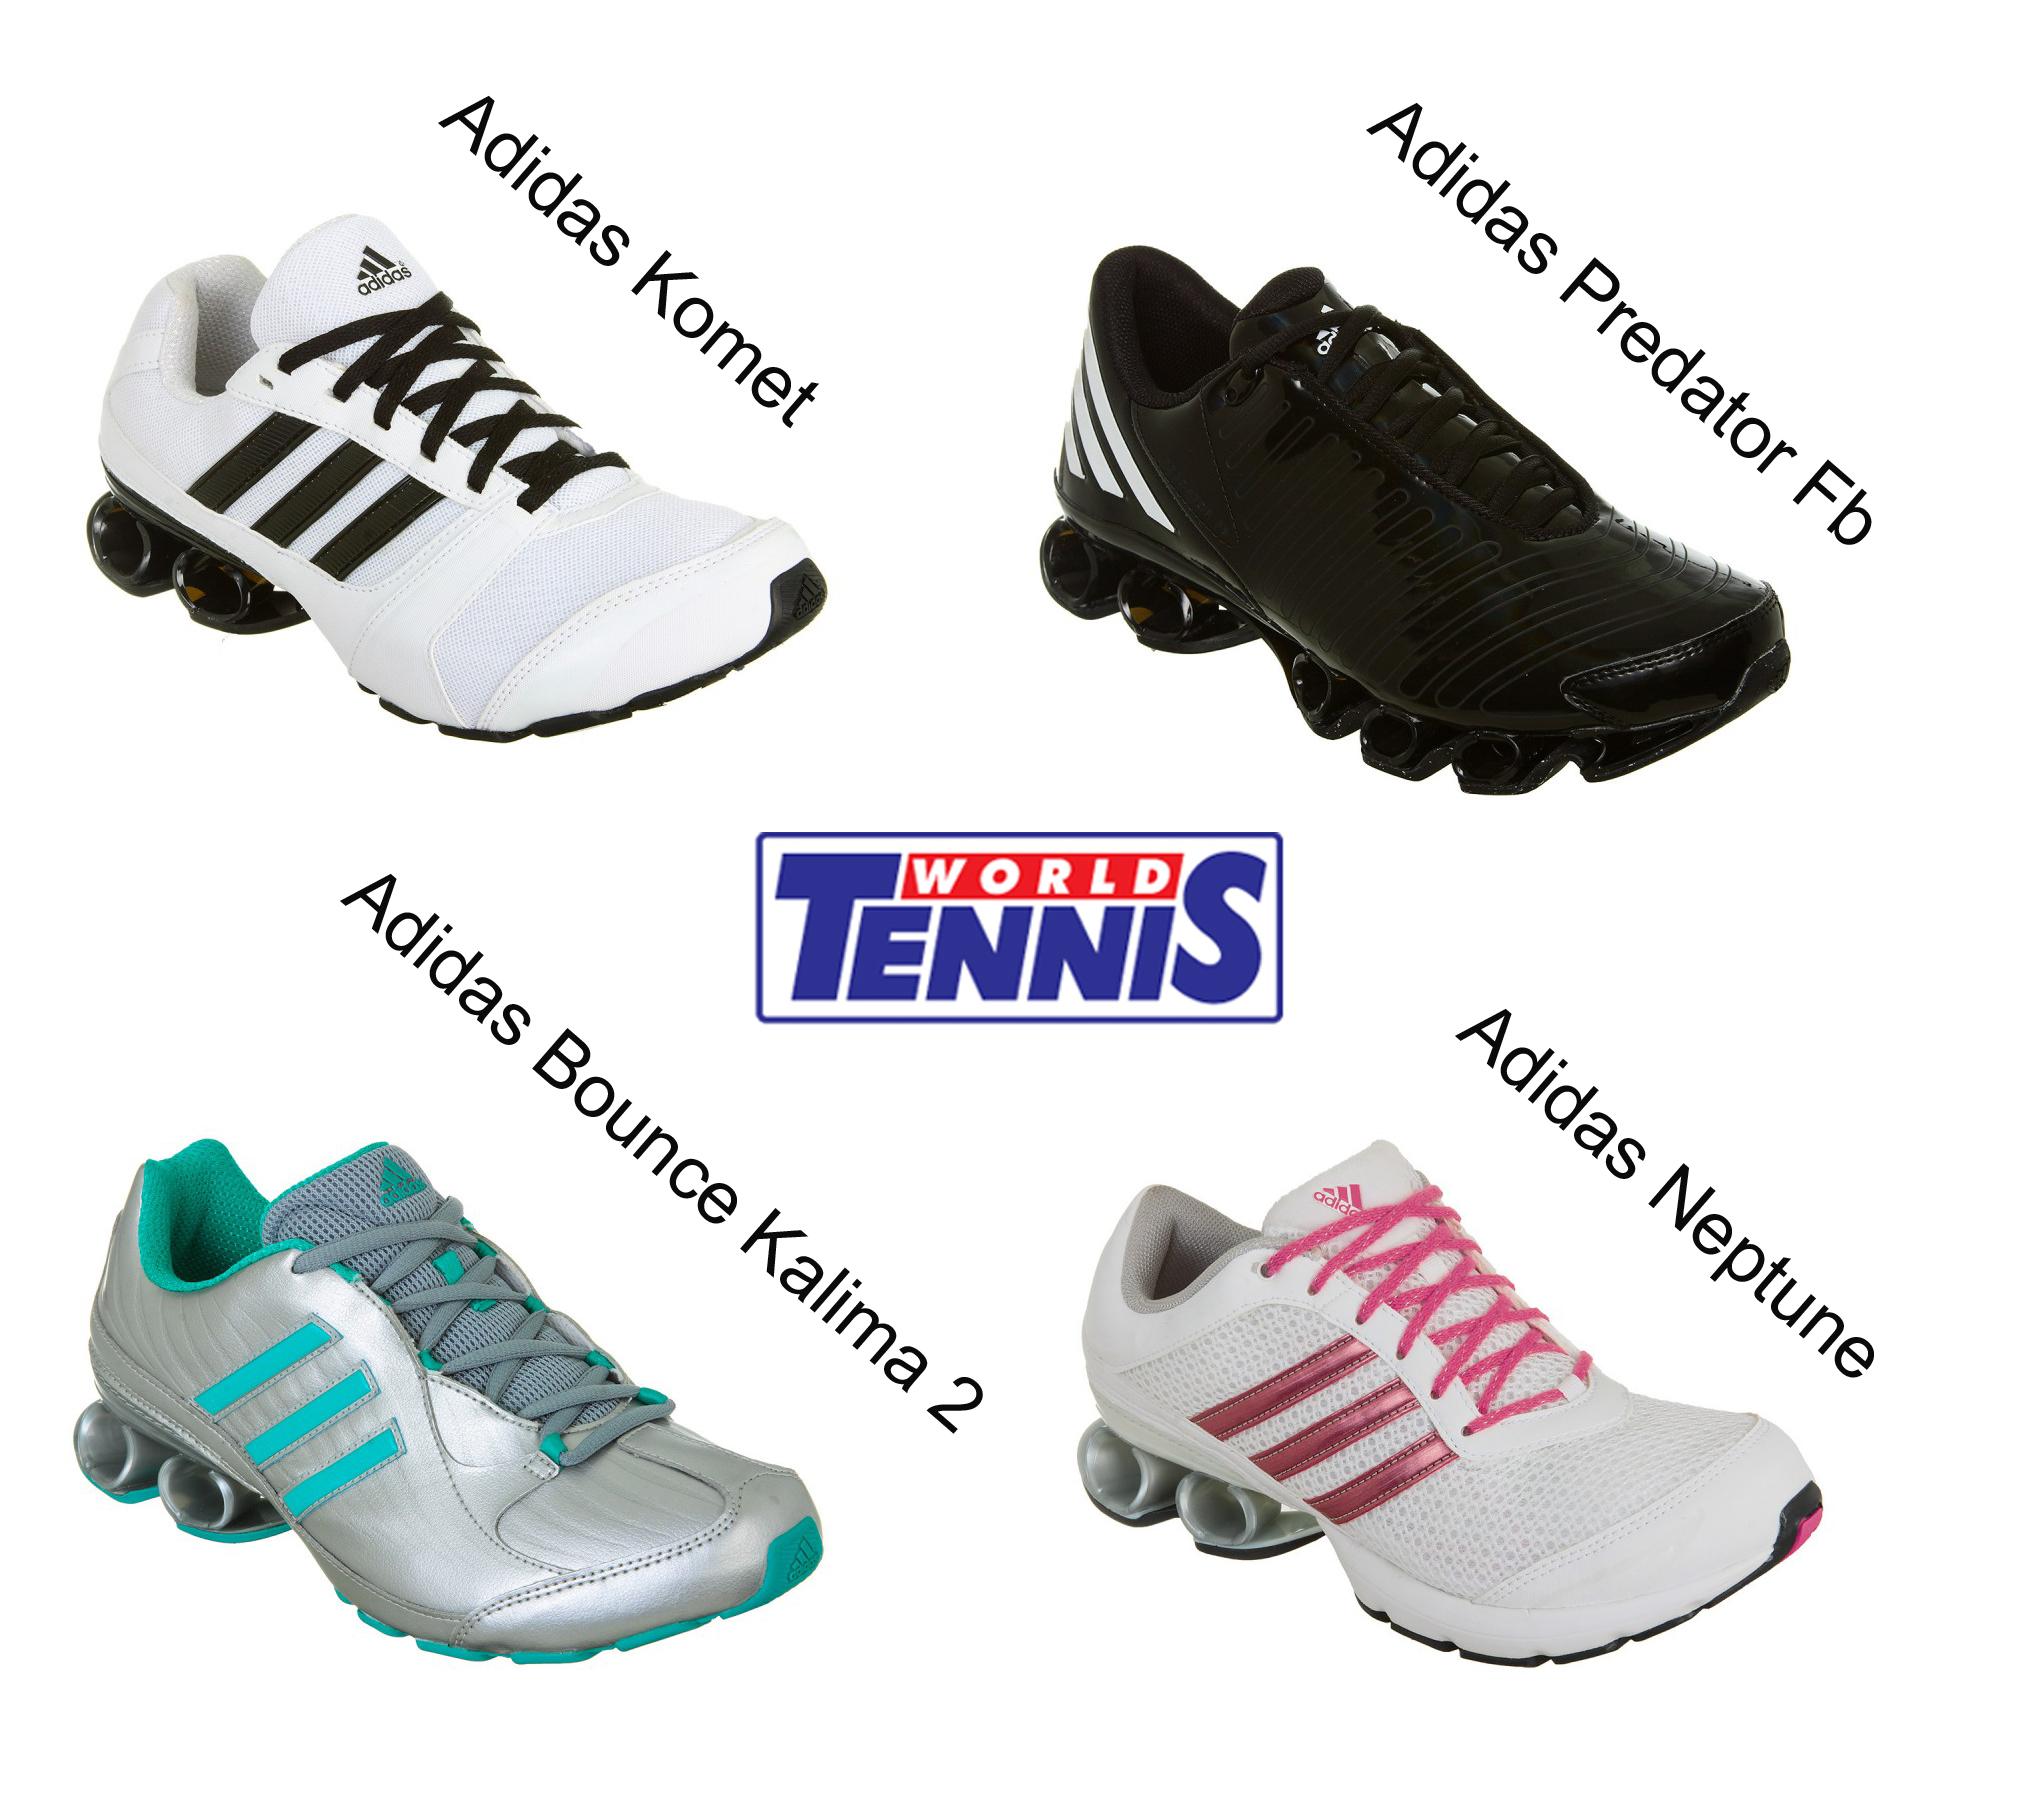 1c9a454c0e Arquivos Tênis de Caminhada - Página 9 de 14 - World Tennis - Tênis